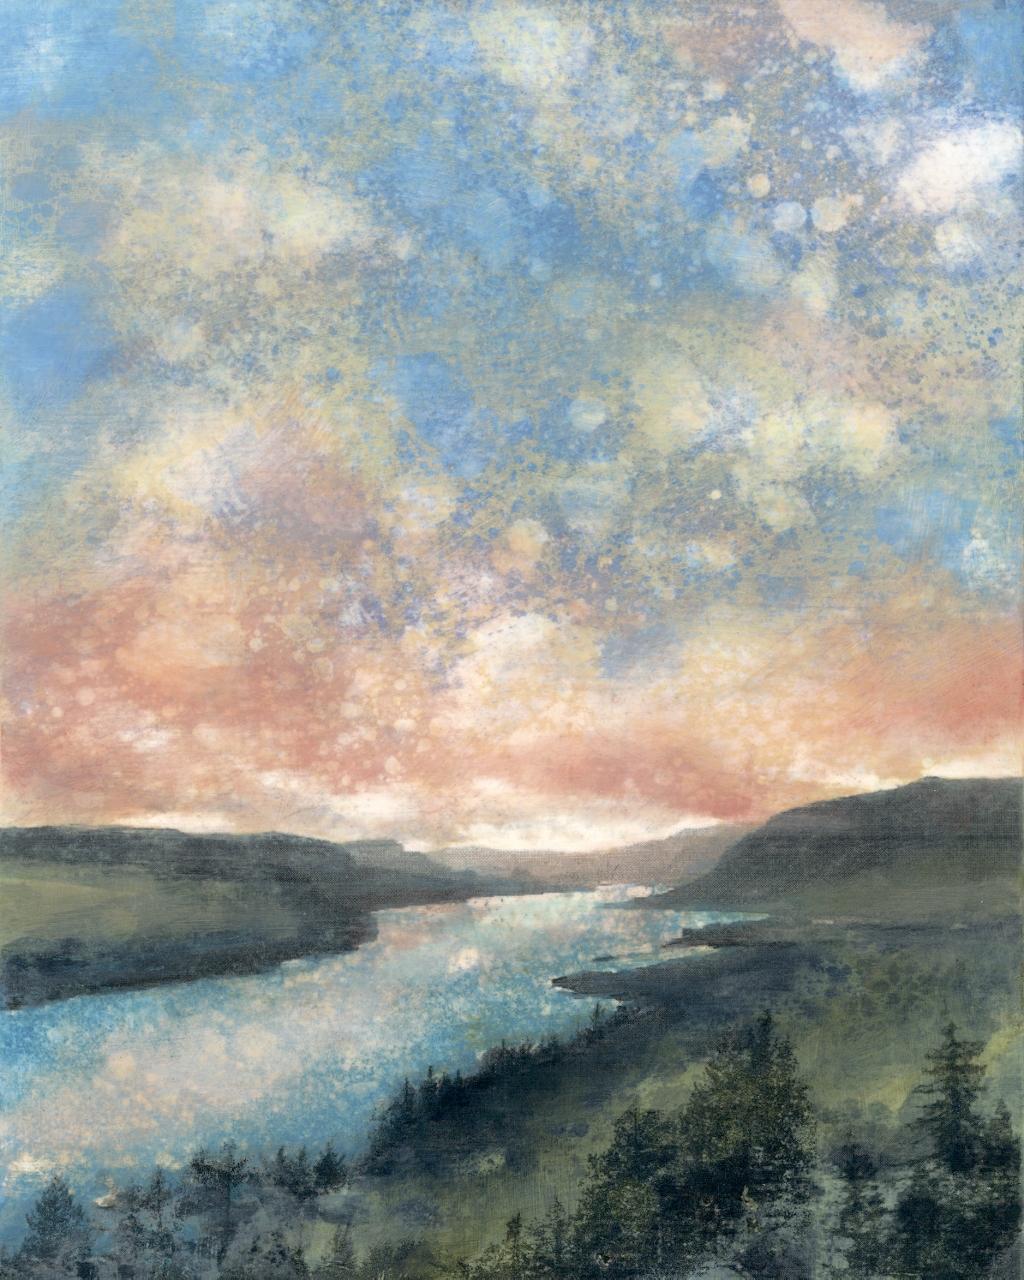 Menucha Memory, Rain Painting Print, Jeni Lee, Columbia River Gorge (1024x1280).jpg